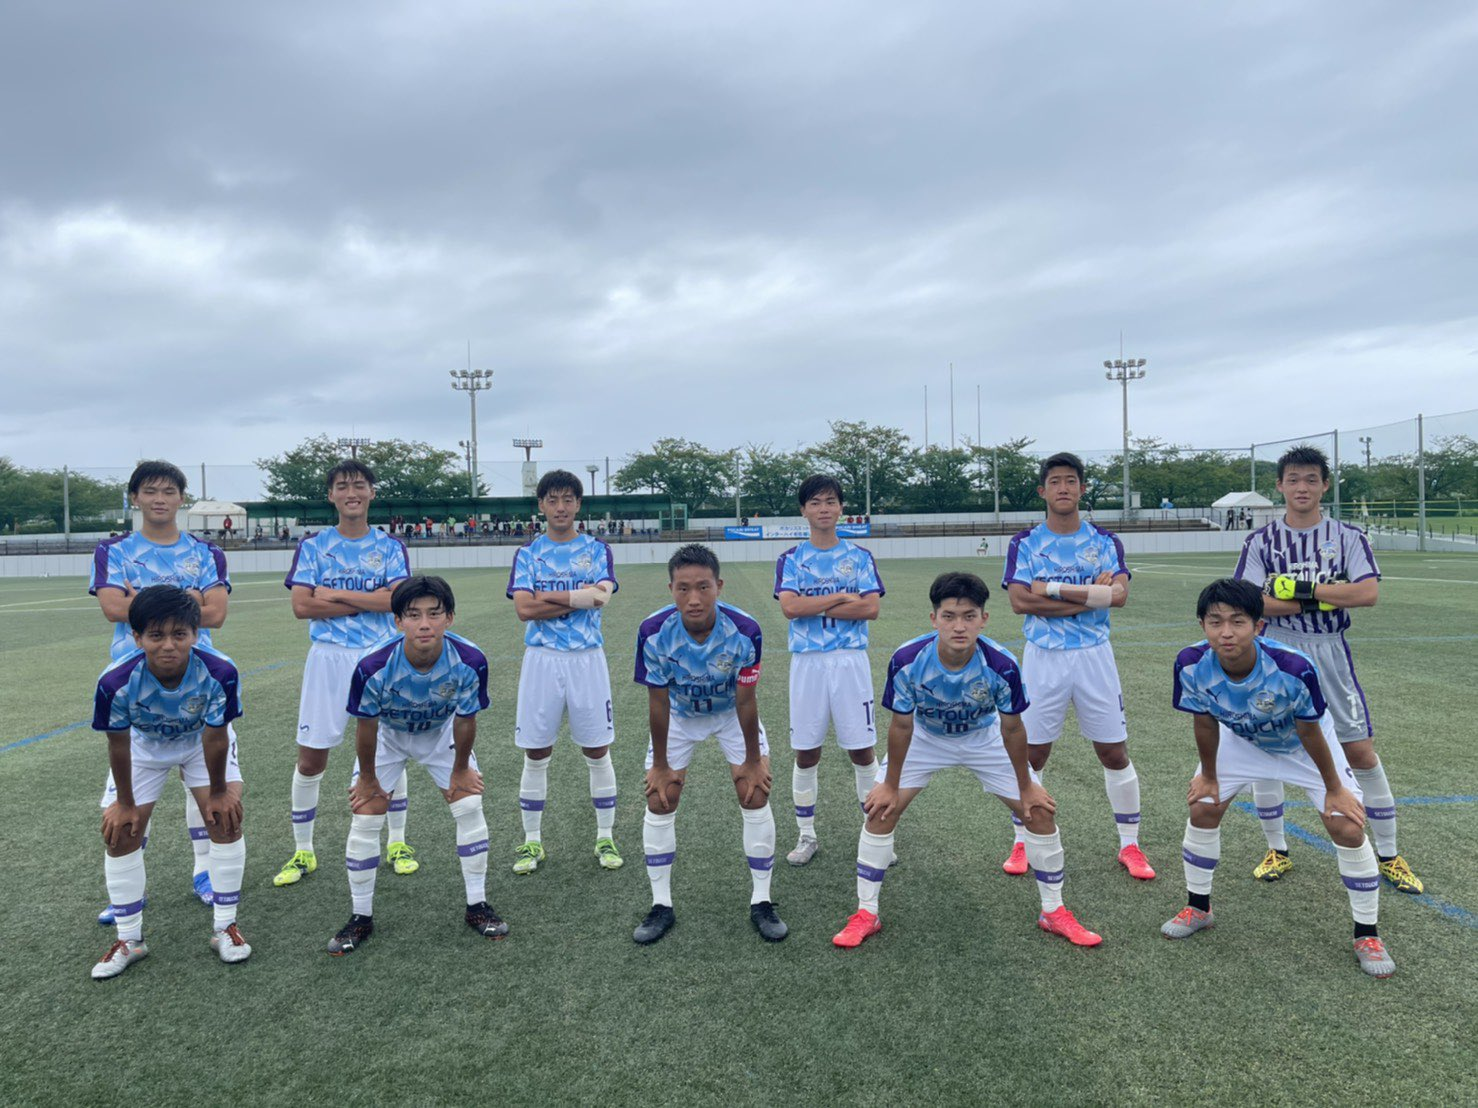 インターハイ1回戦突破 🎉 2回戦は8/16 9:15kickoff vs 丸岡(福井)